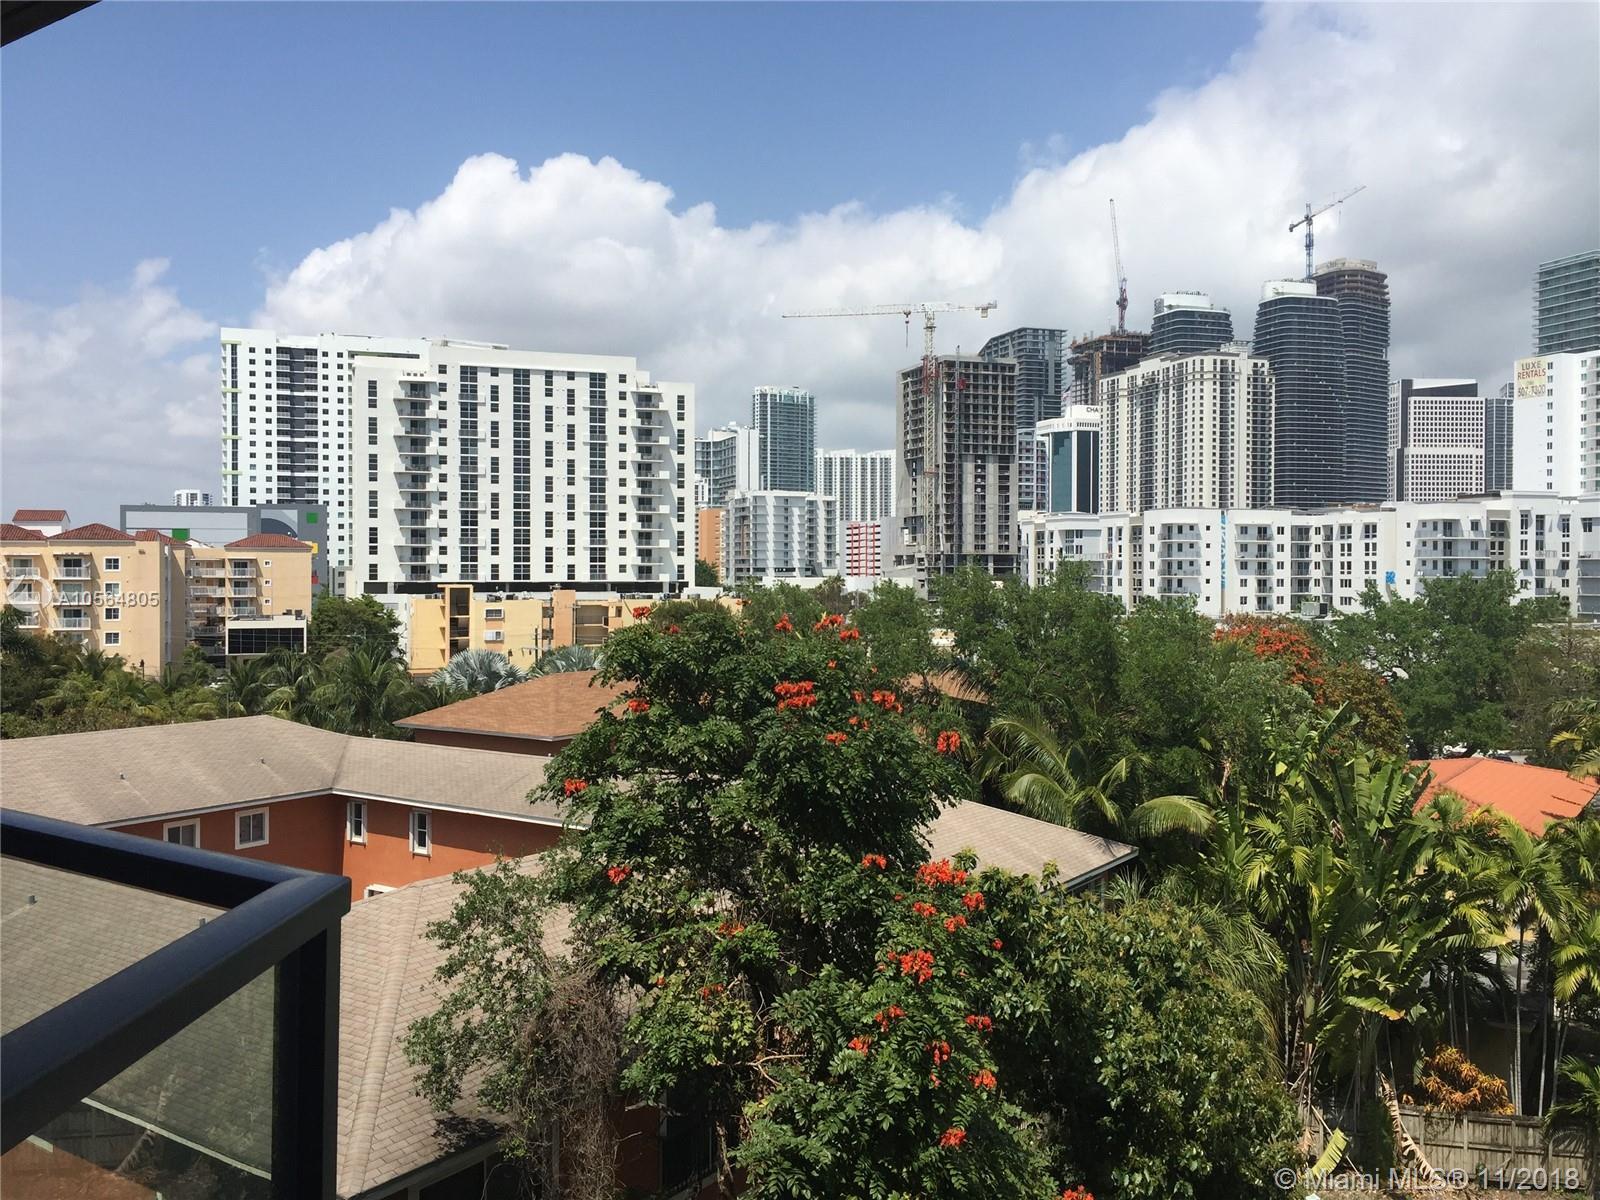 201 SW 17th Rd, Miami, FL 33129, Cassa Brickell #610, Brickell, Miami A10564805 image #9